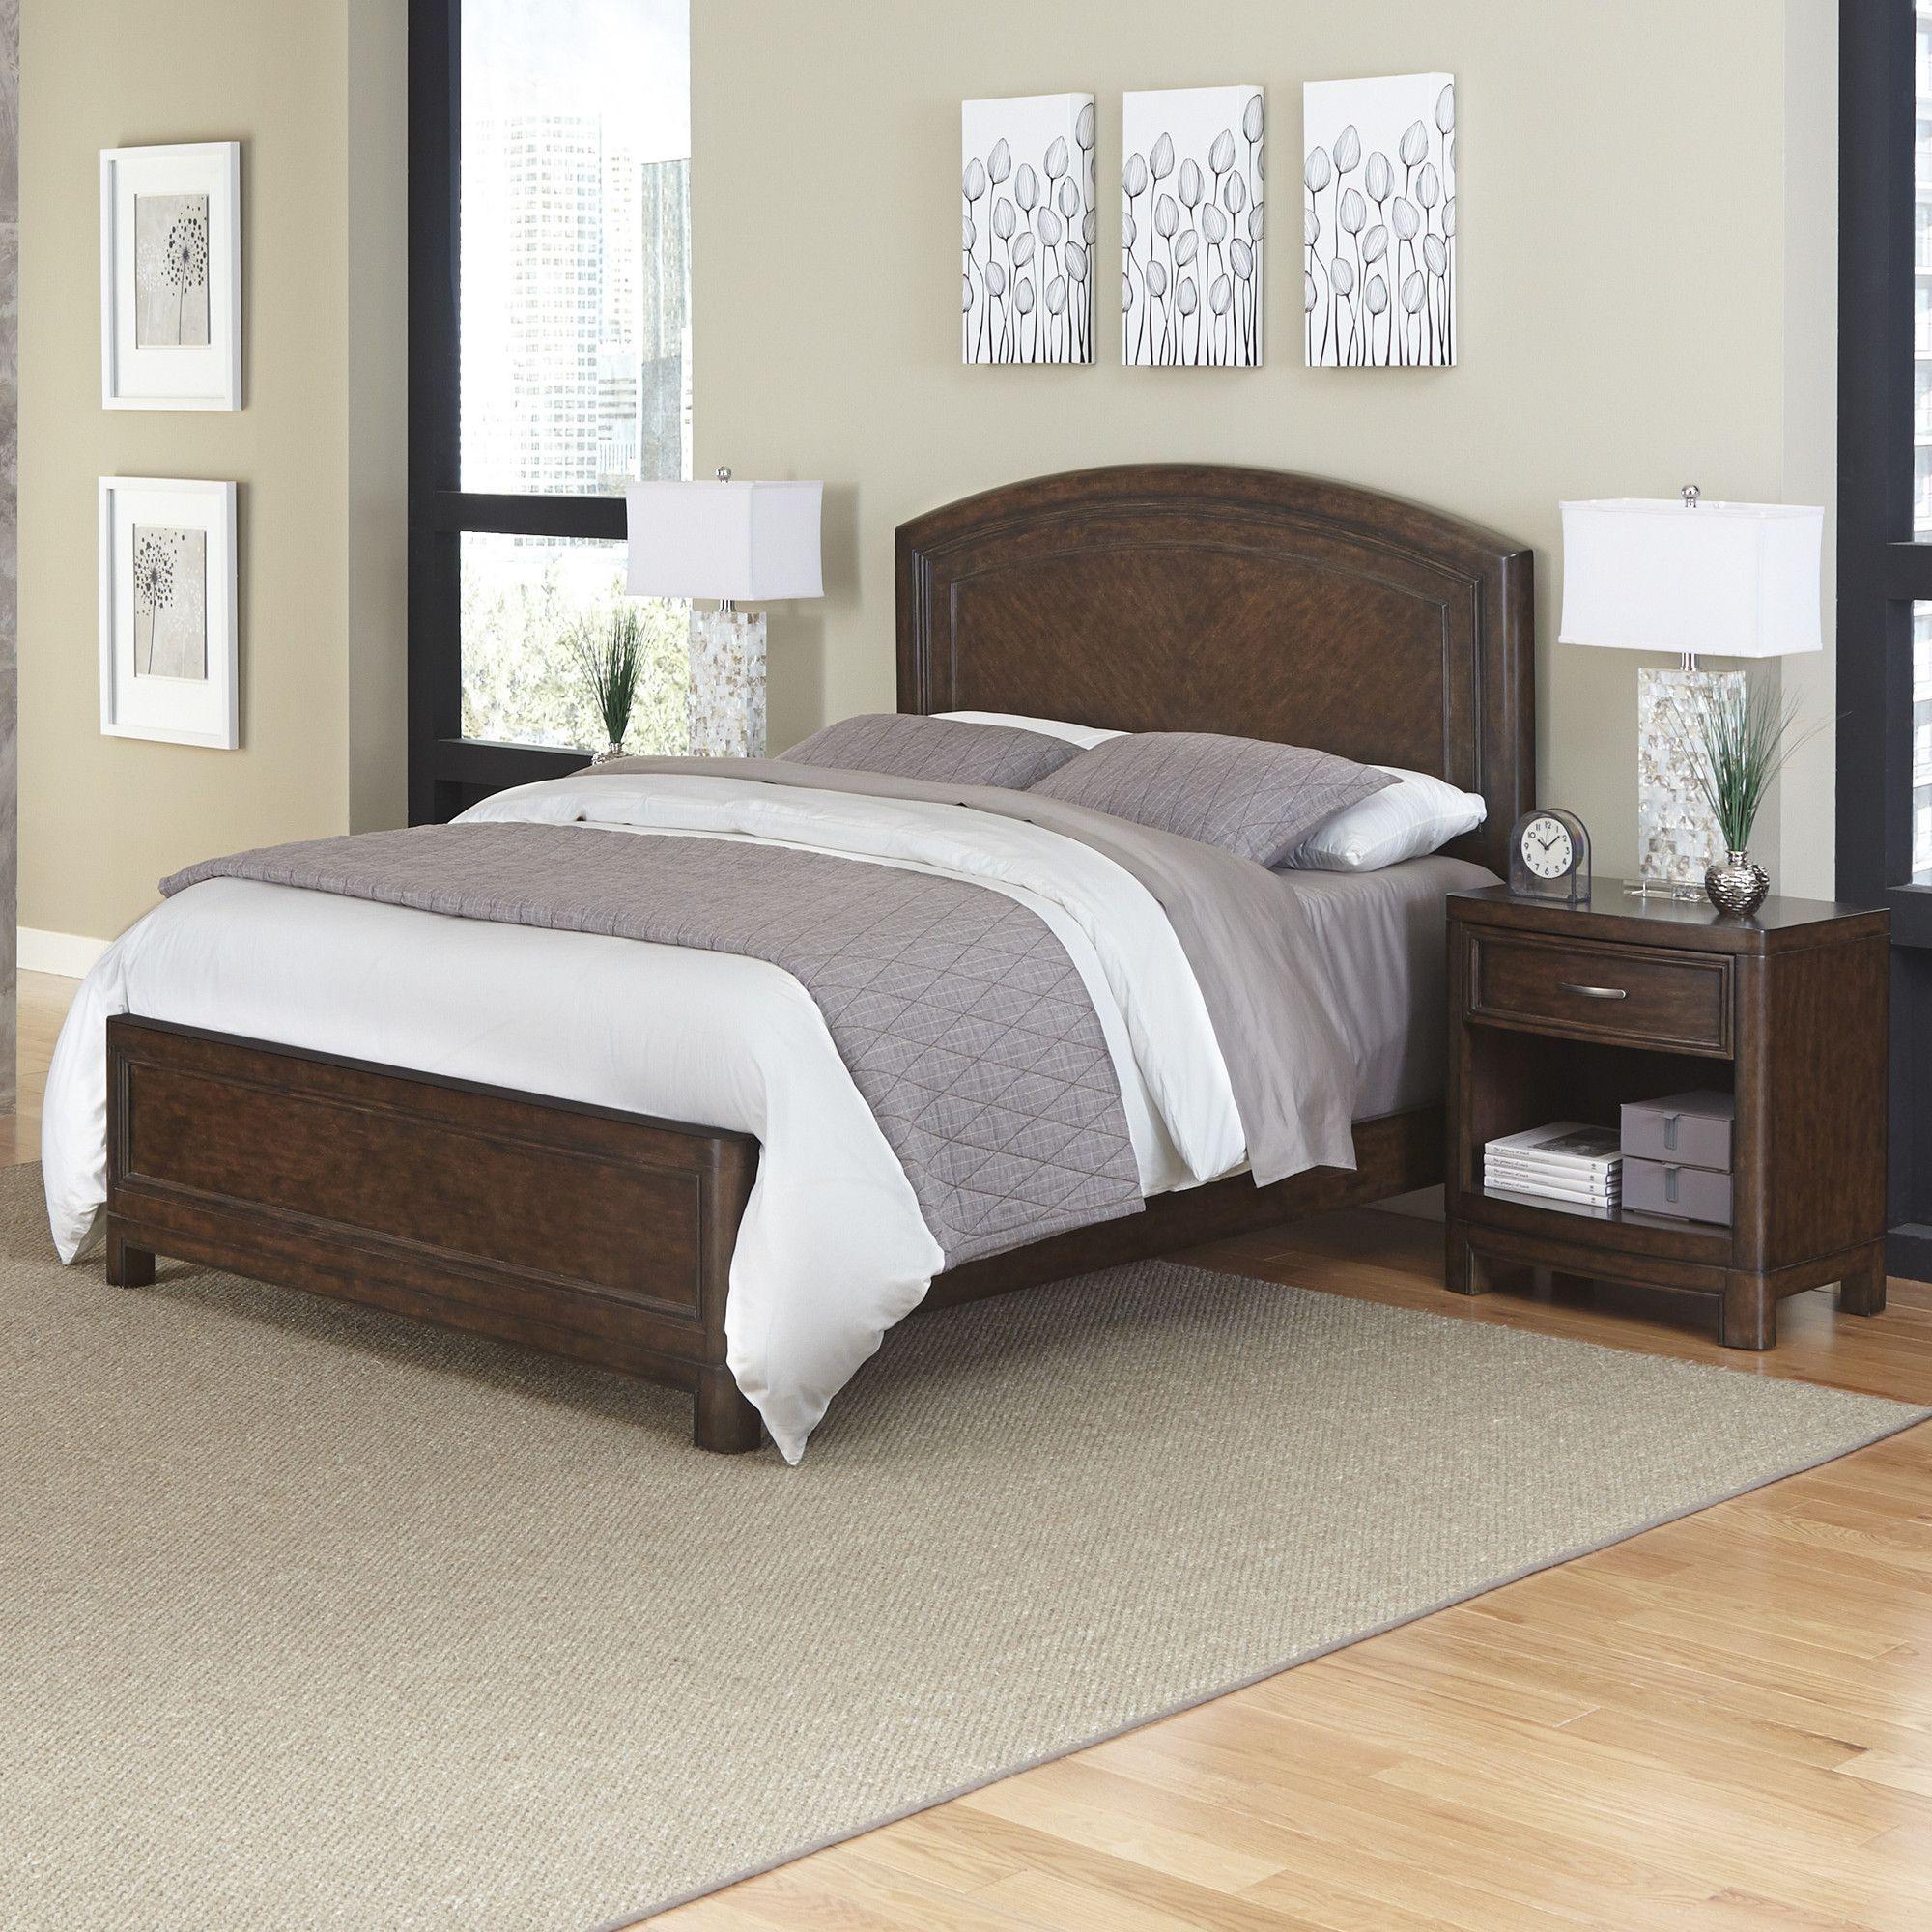 Best Crescent Hill Standard 3 Piece Bedroom Set King Bedroom 640 x 480